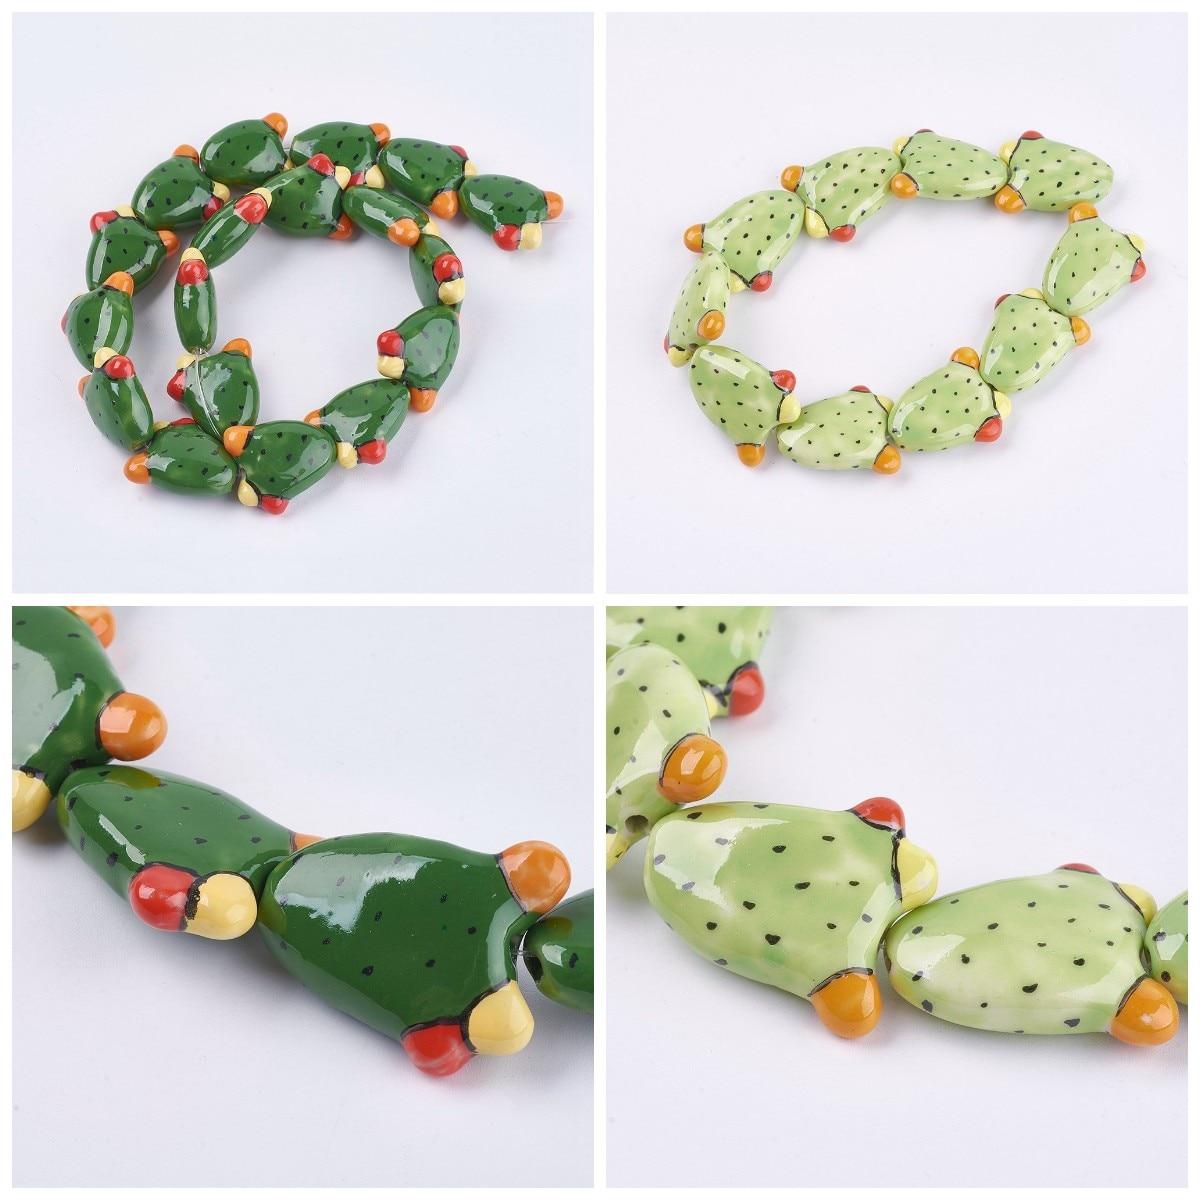 10 шт., фарфоровые бусины в виде кактуса